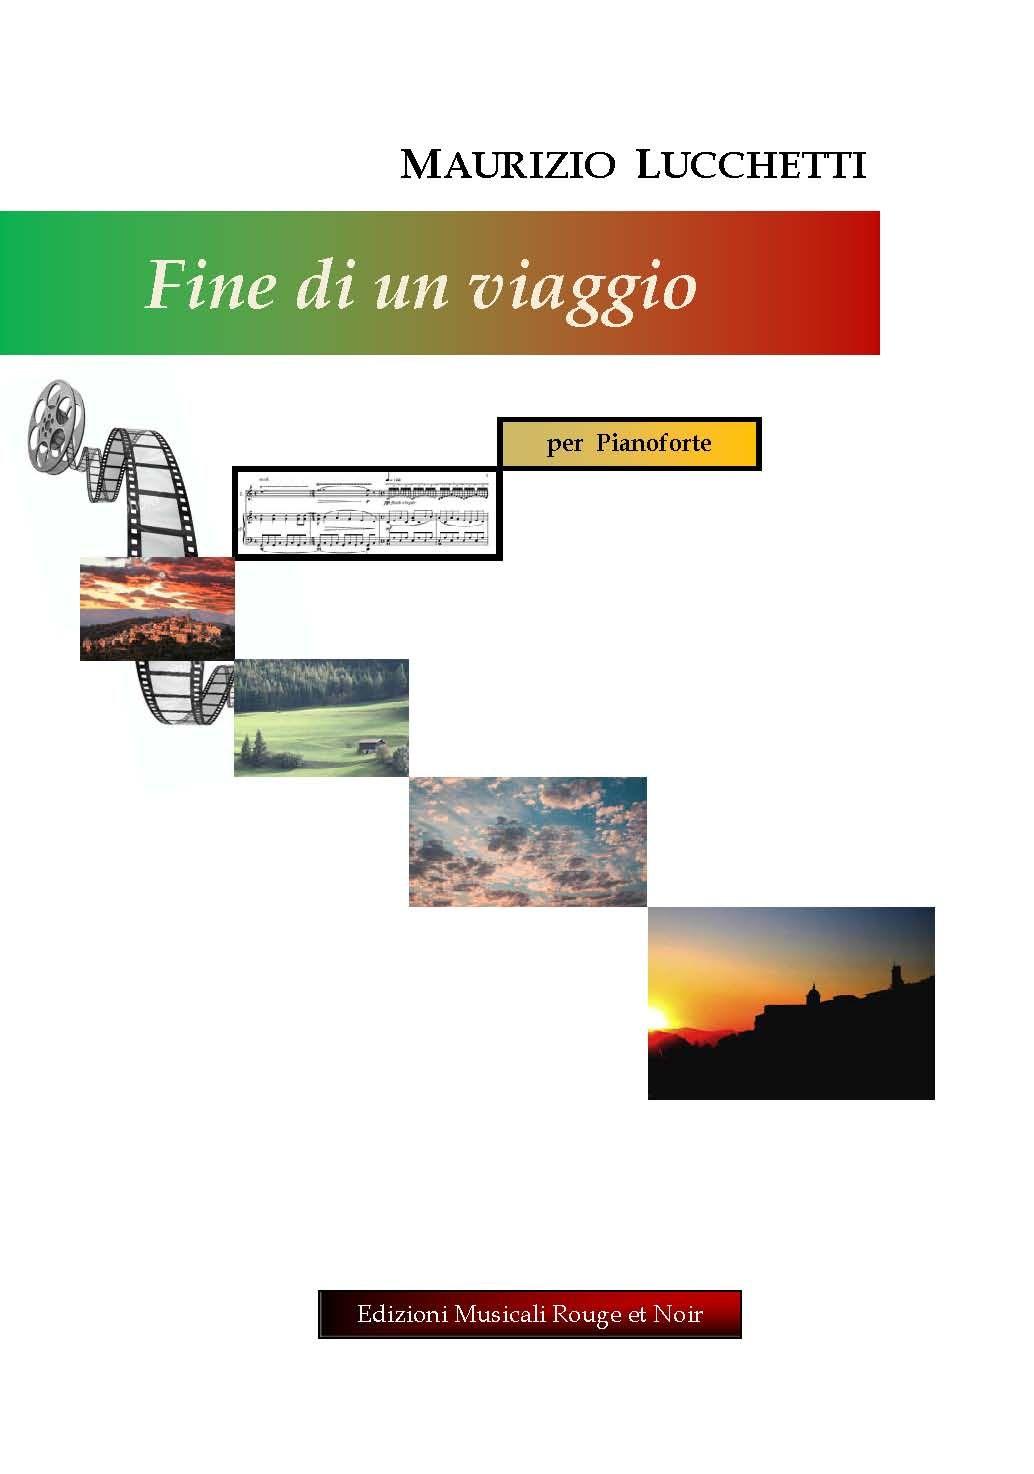 Lucchetti, Maurizio: FINE DI UN VIAGGIO piano solo